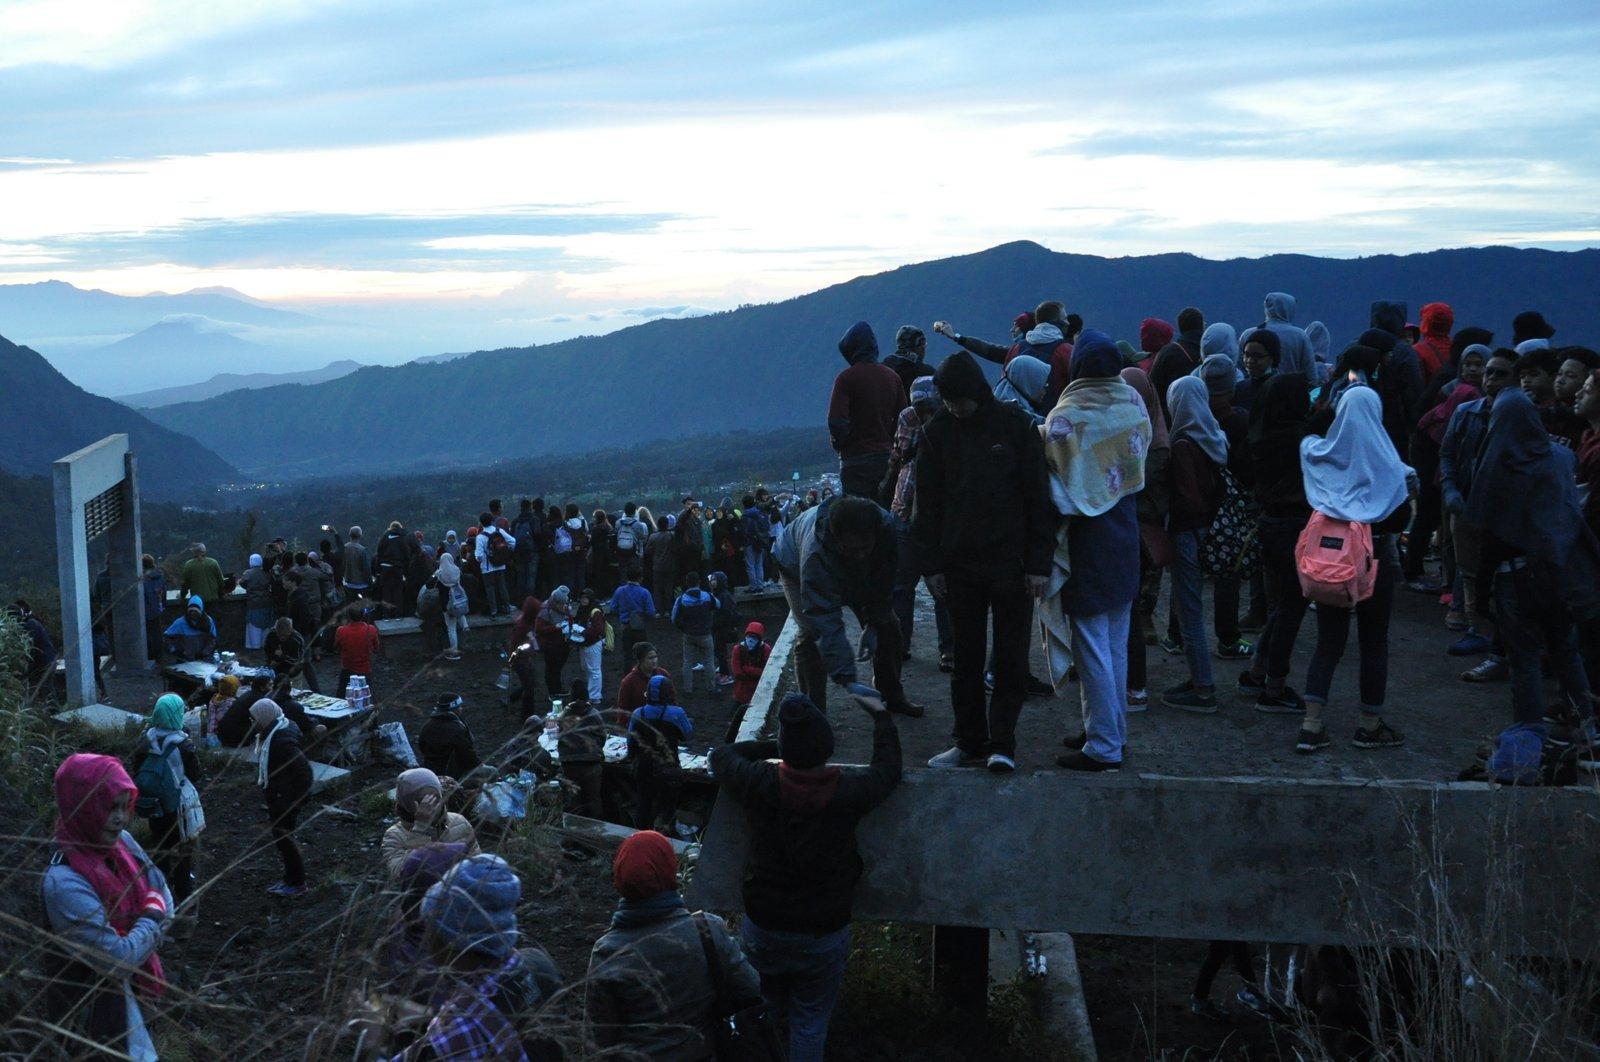 Beaucoup de monde pour assister au lever de soleil sur le mont Bromo